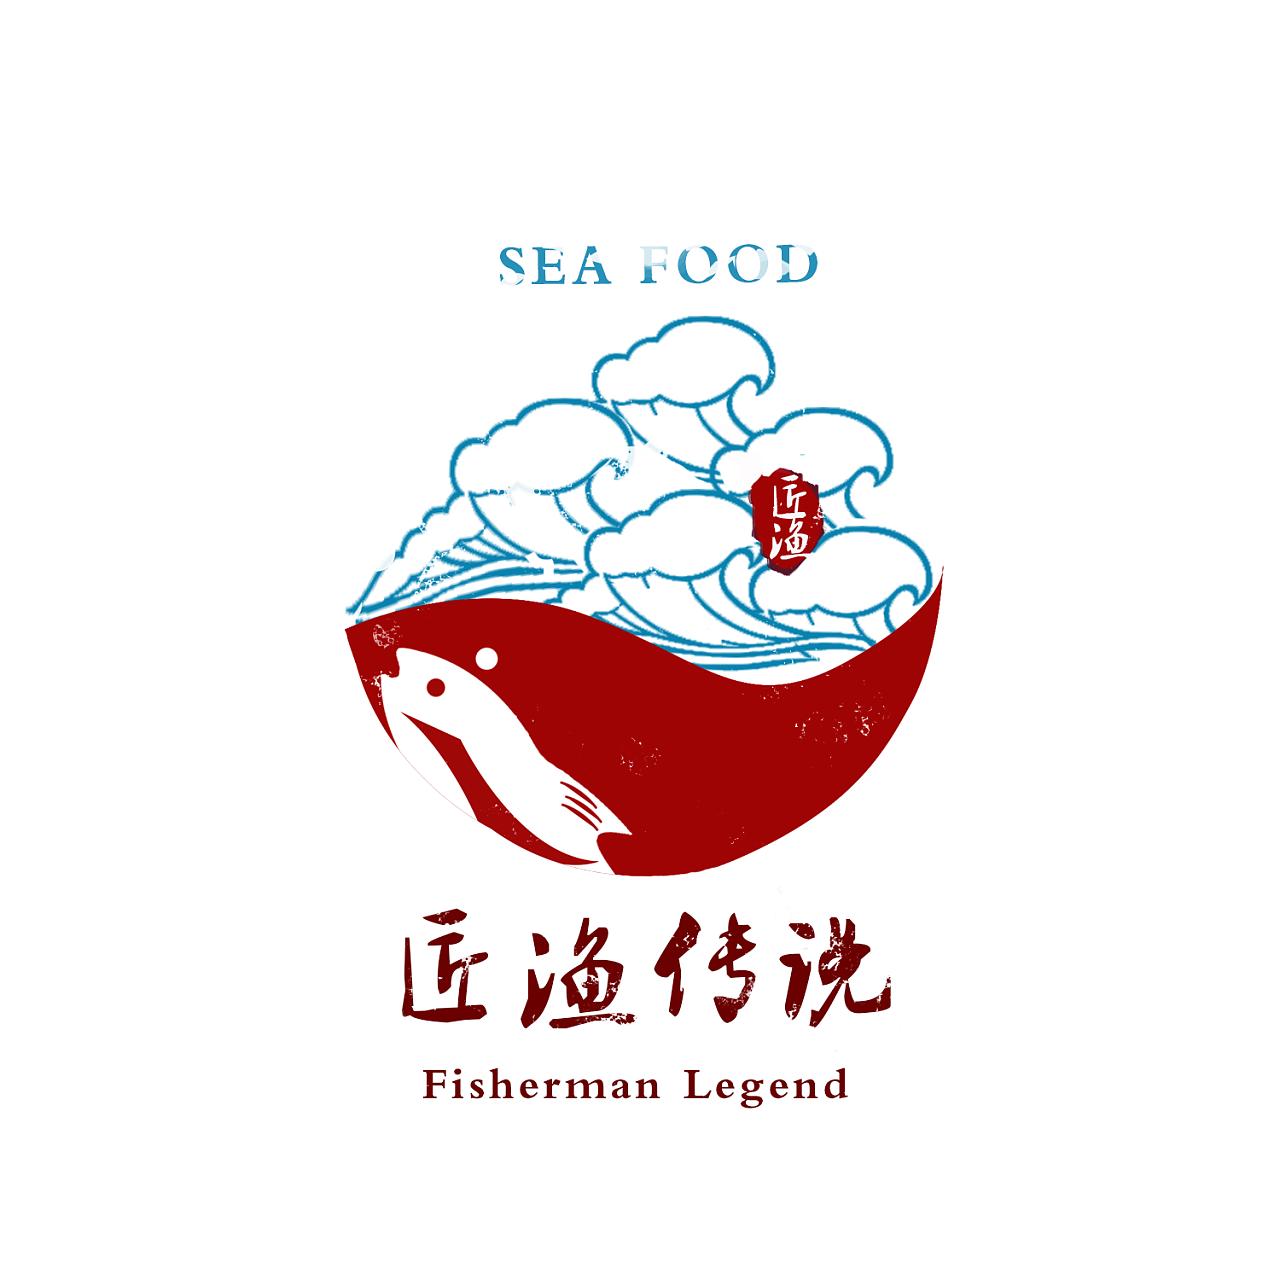 一家海鲜店铺的logo设计,采用了鱼,碗和海的感觉,增加了一些做旧的图片